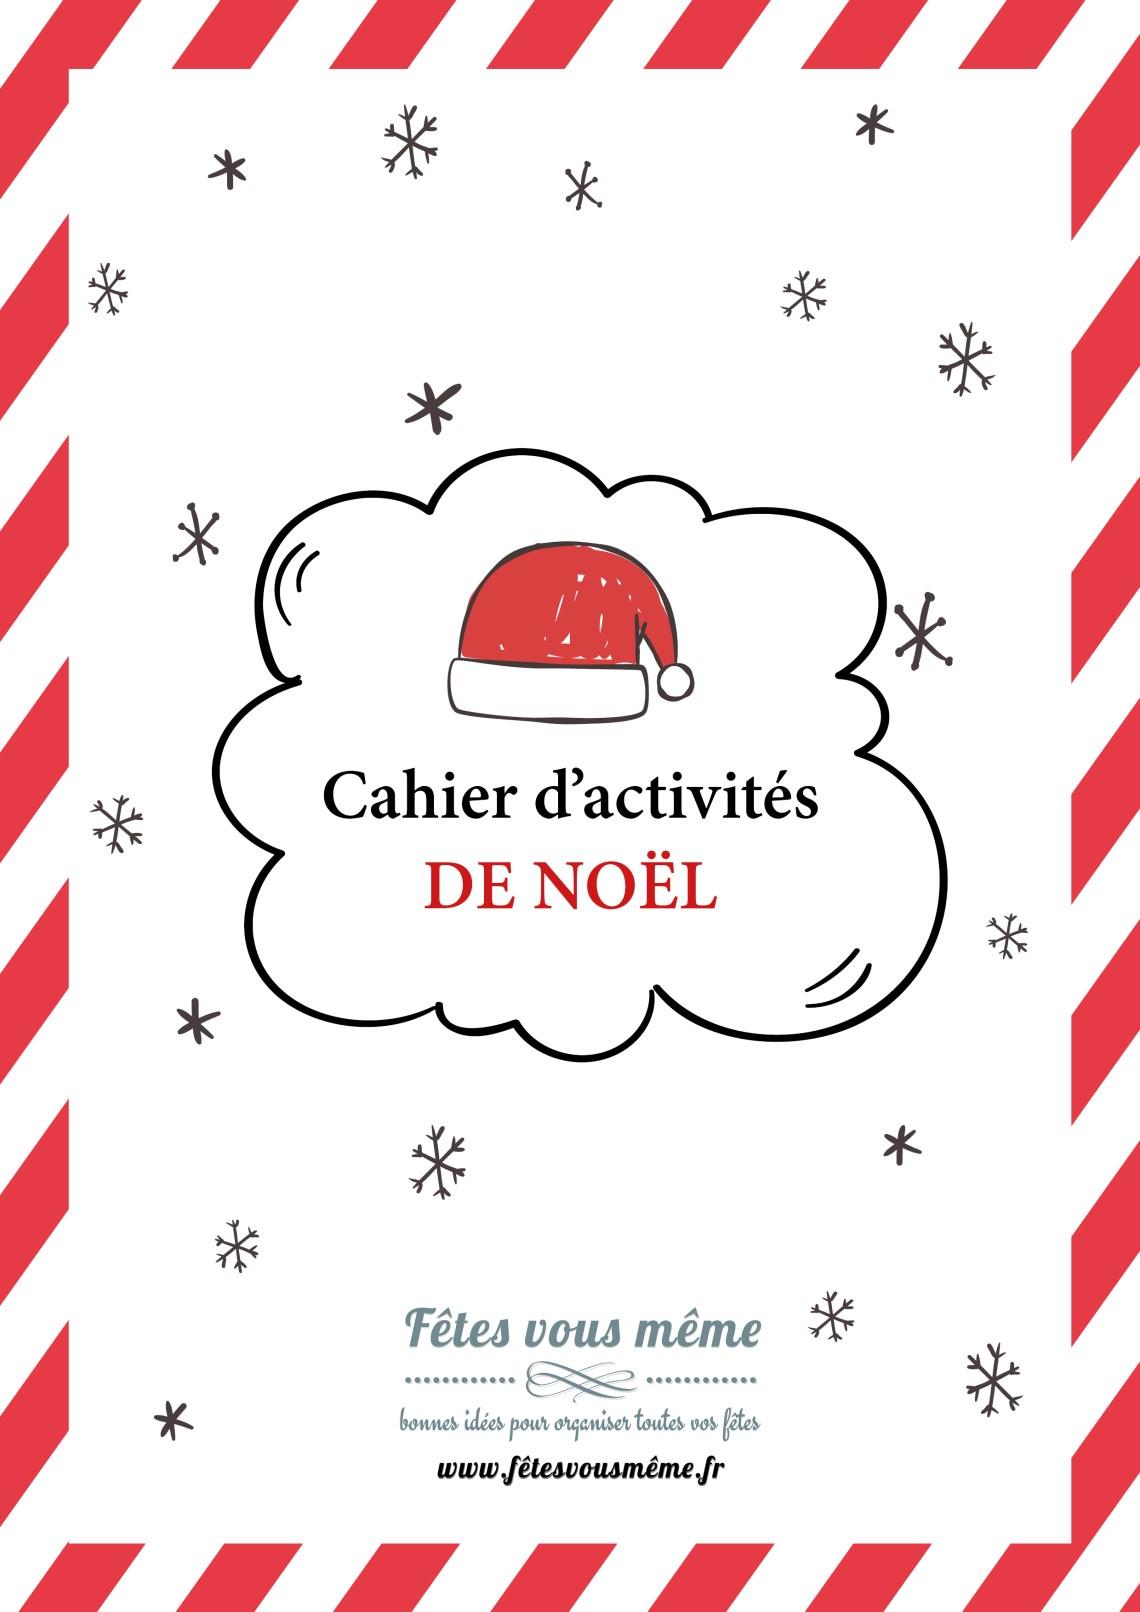 Cahier d'Activités de Noël - Fêtes vous même